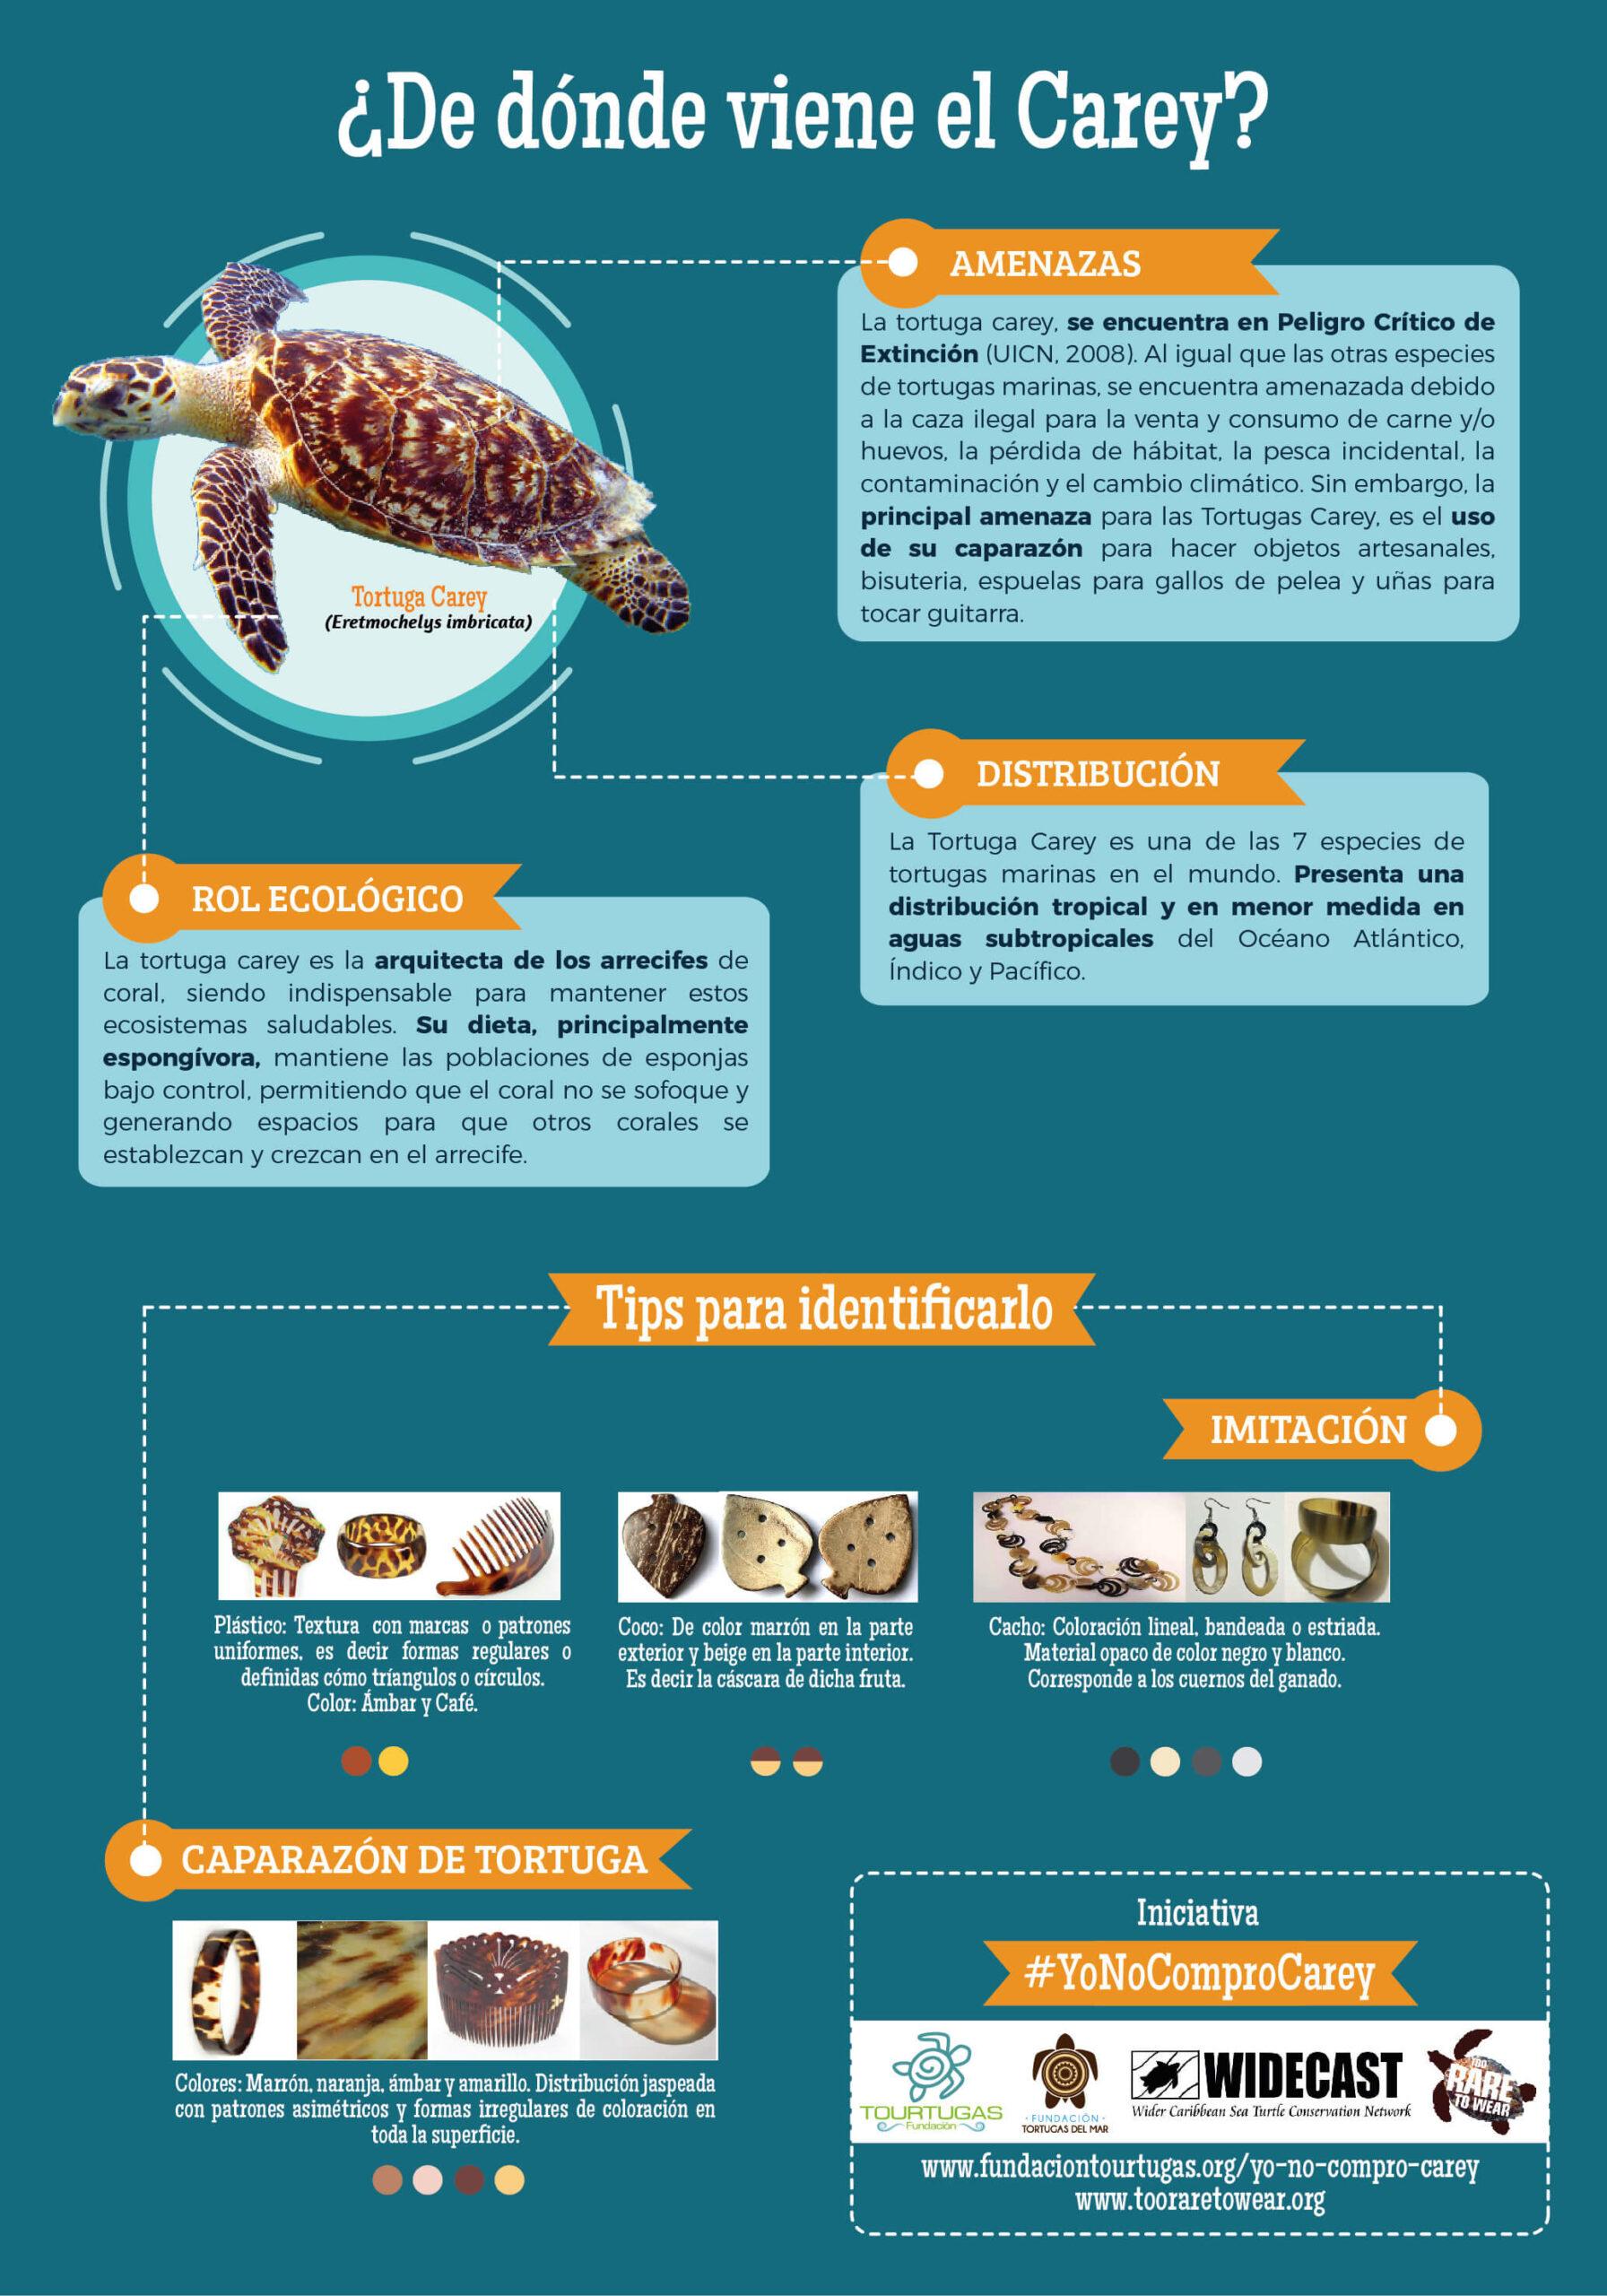 Infografía del orígen de carey: